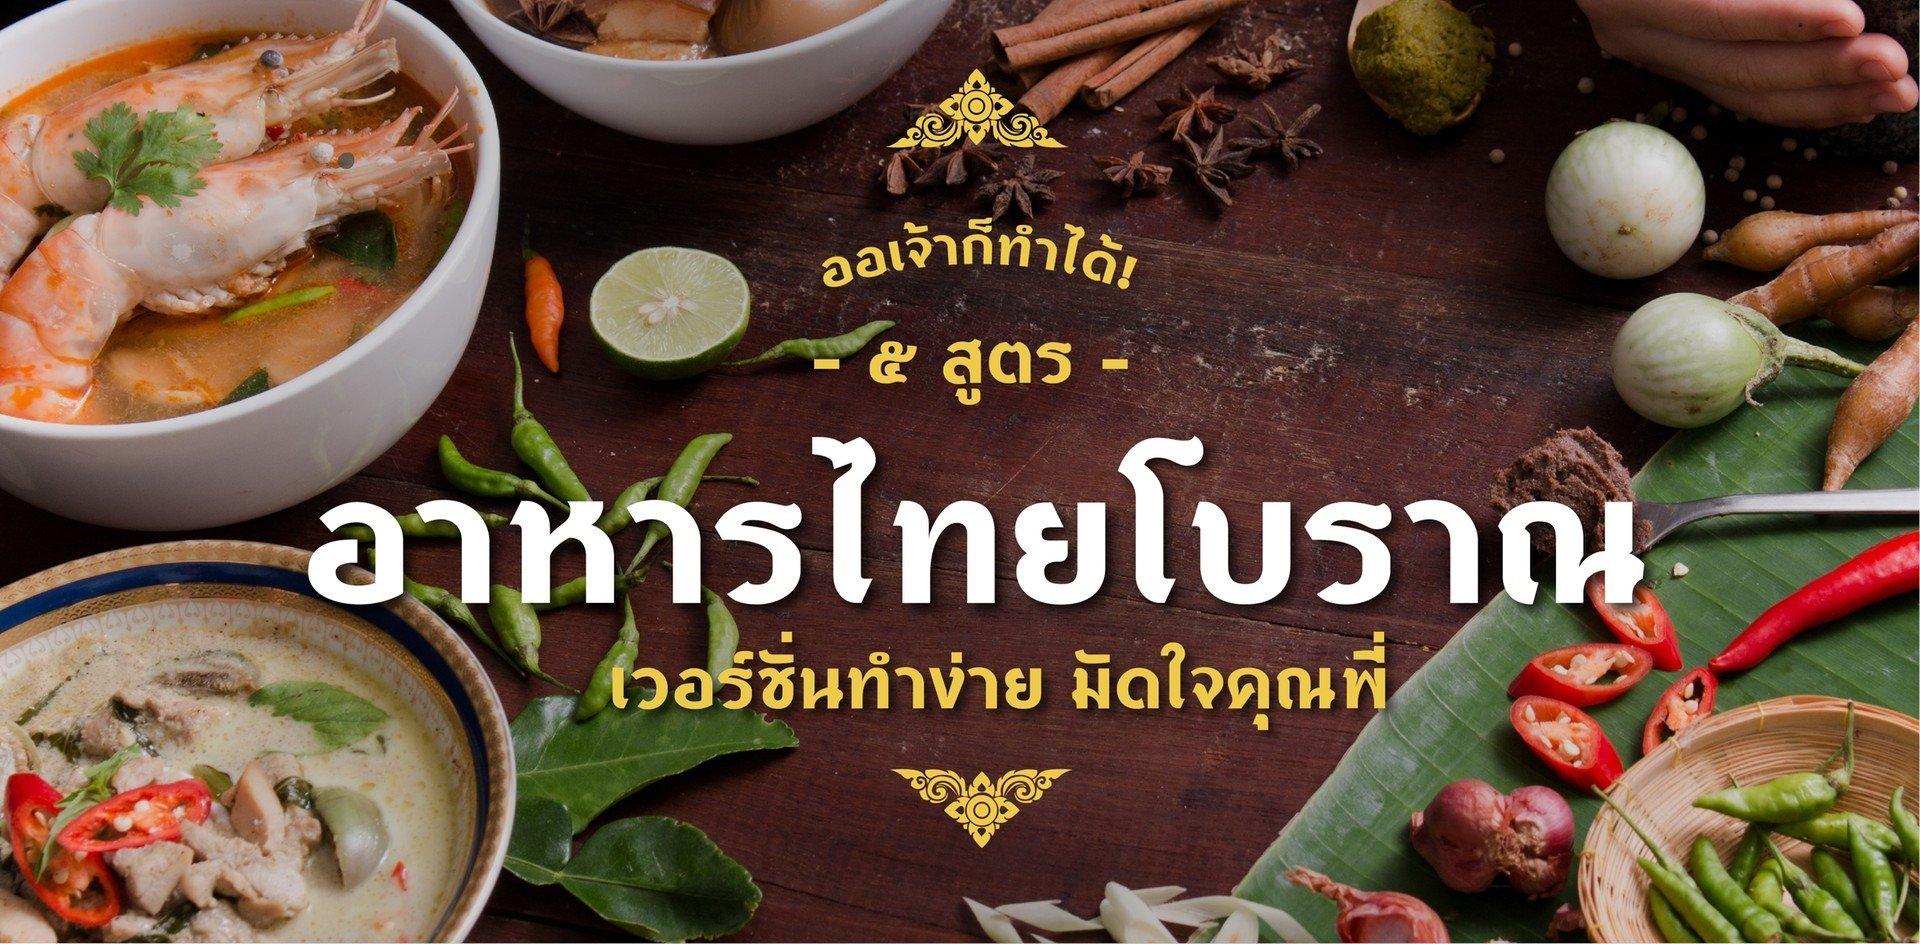 5 สูตรอาหารไทยโบราณ เวอร์ชั่นทำตามง่ายและเร็ว!